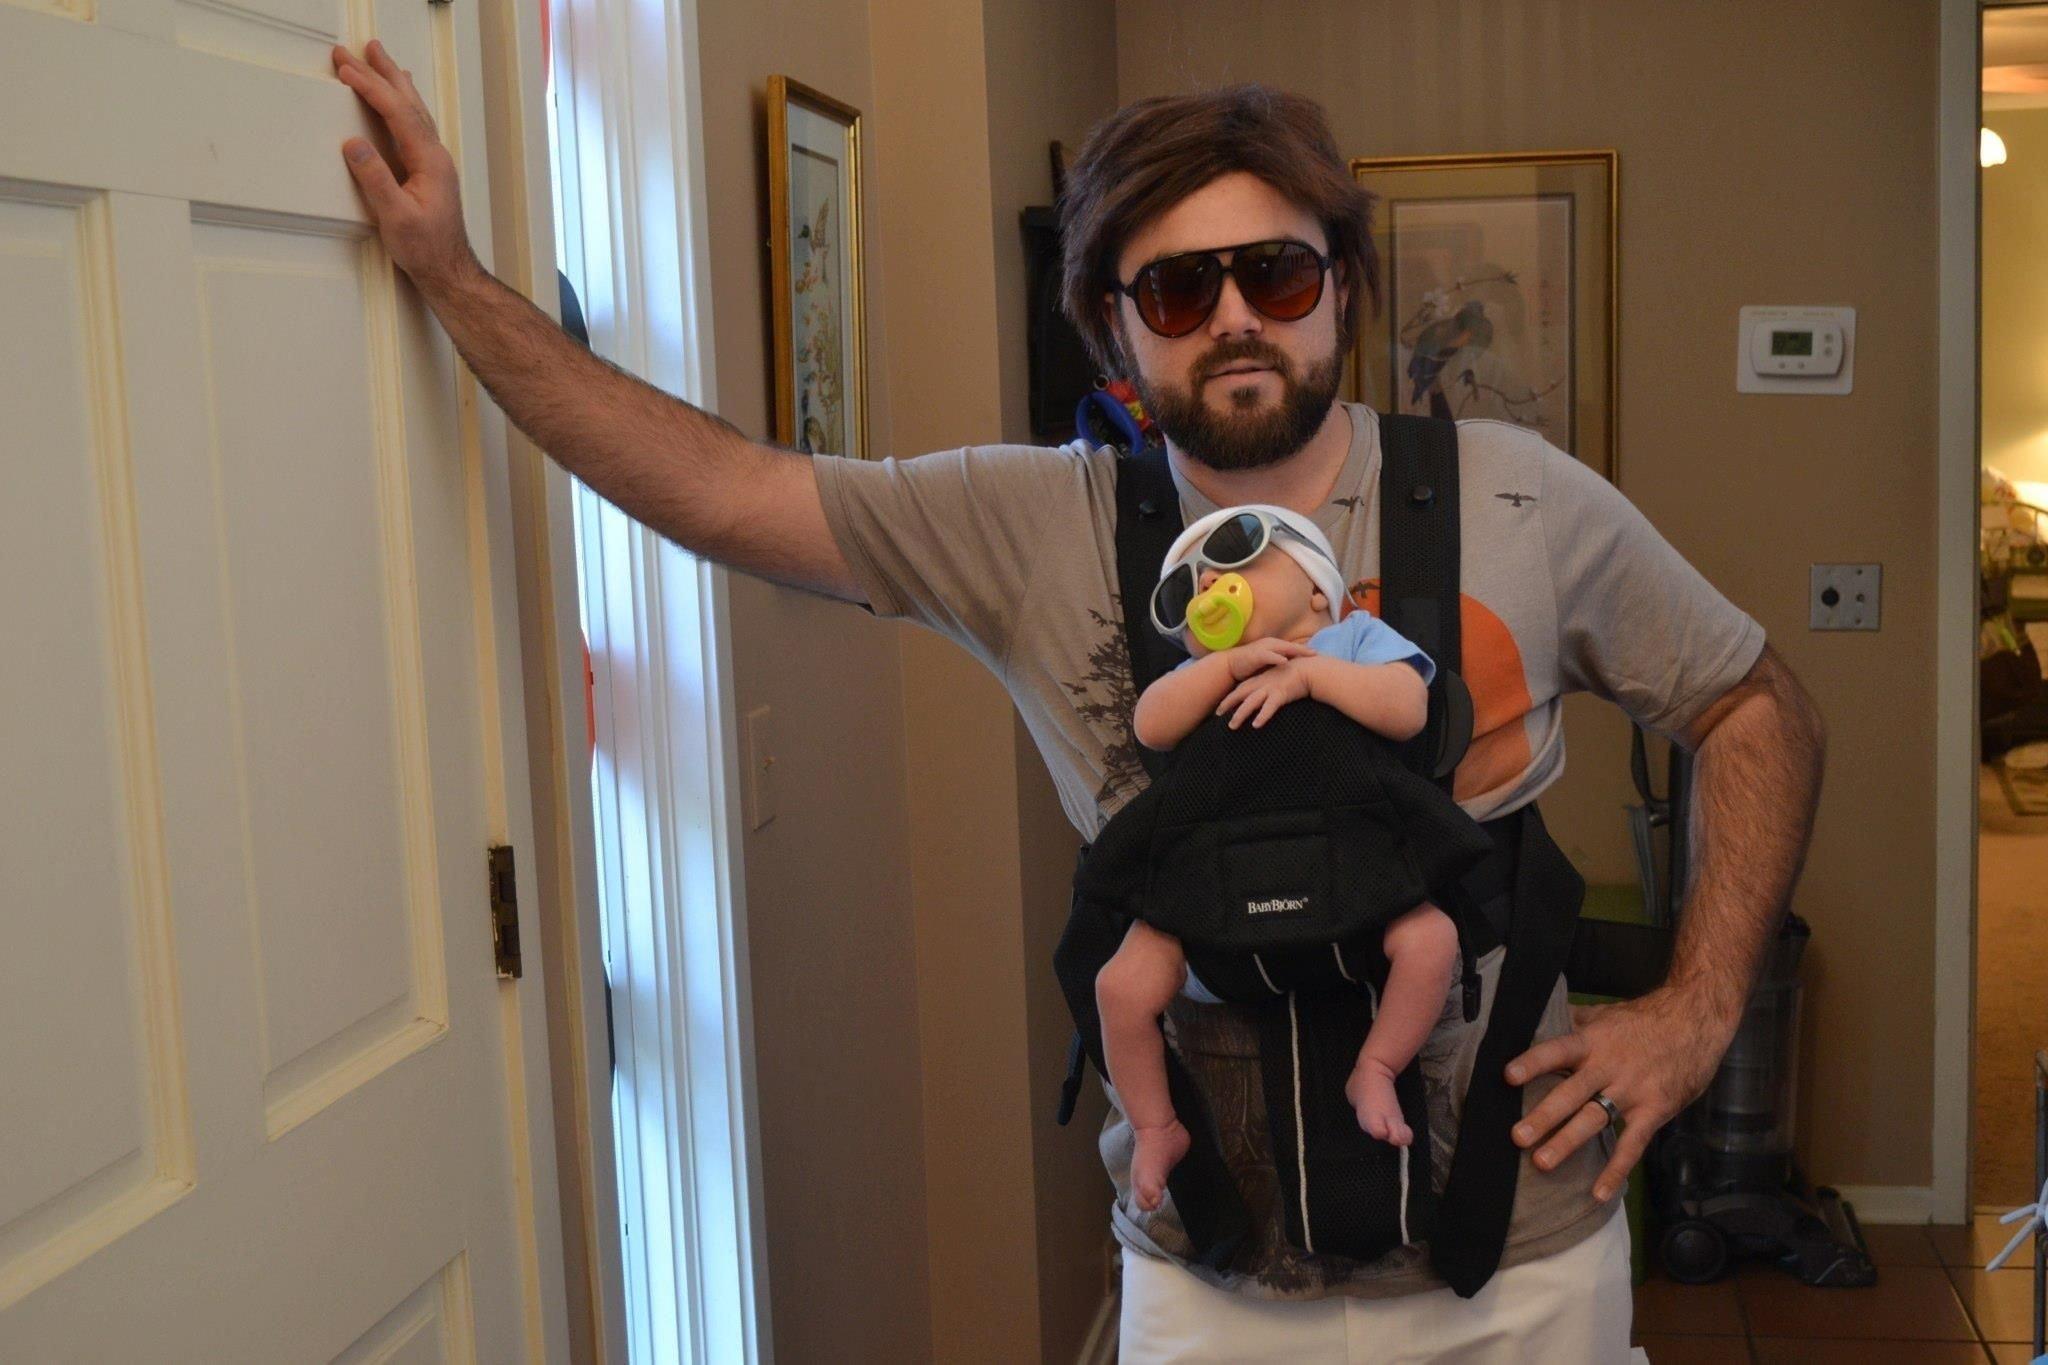 10 Spectacular Last Minute Costume Ideas Men 2020